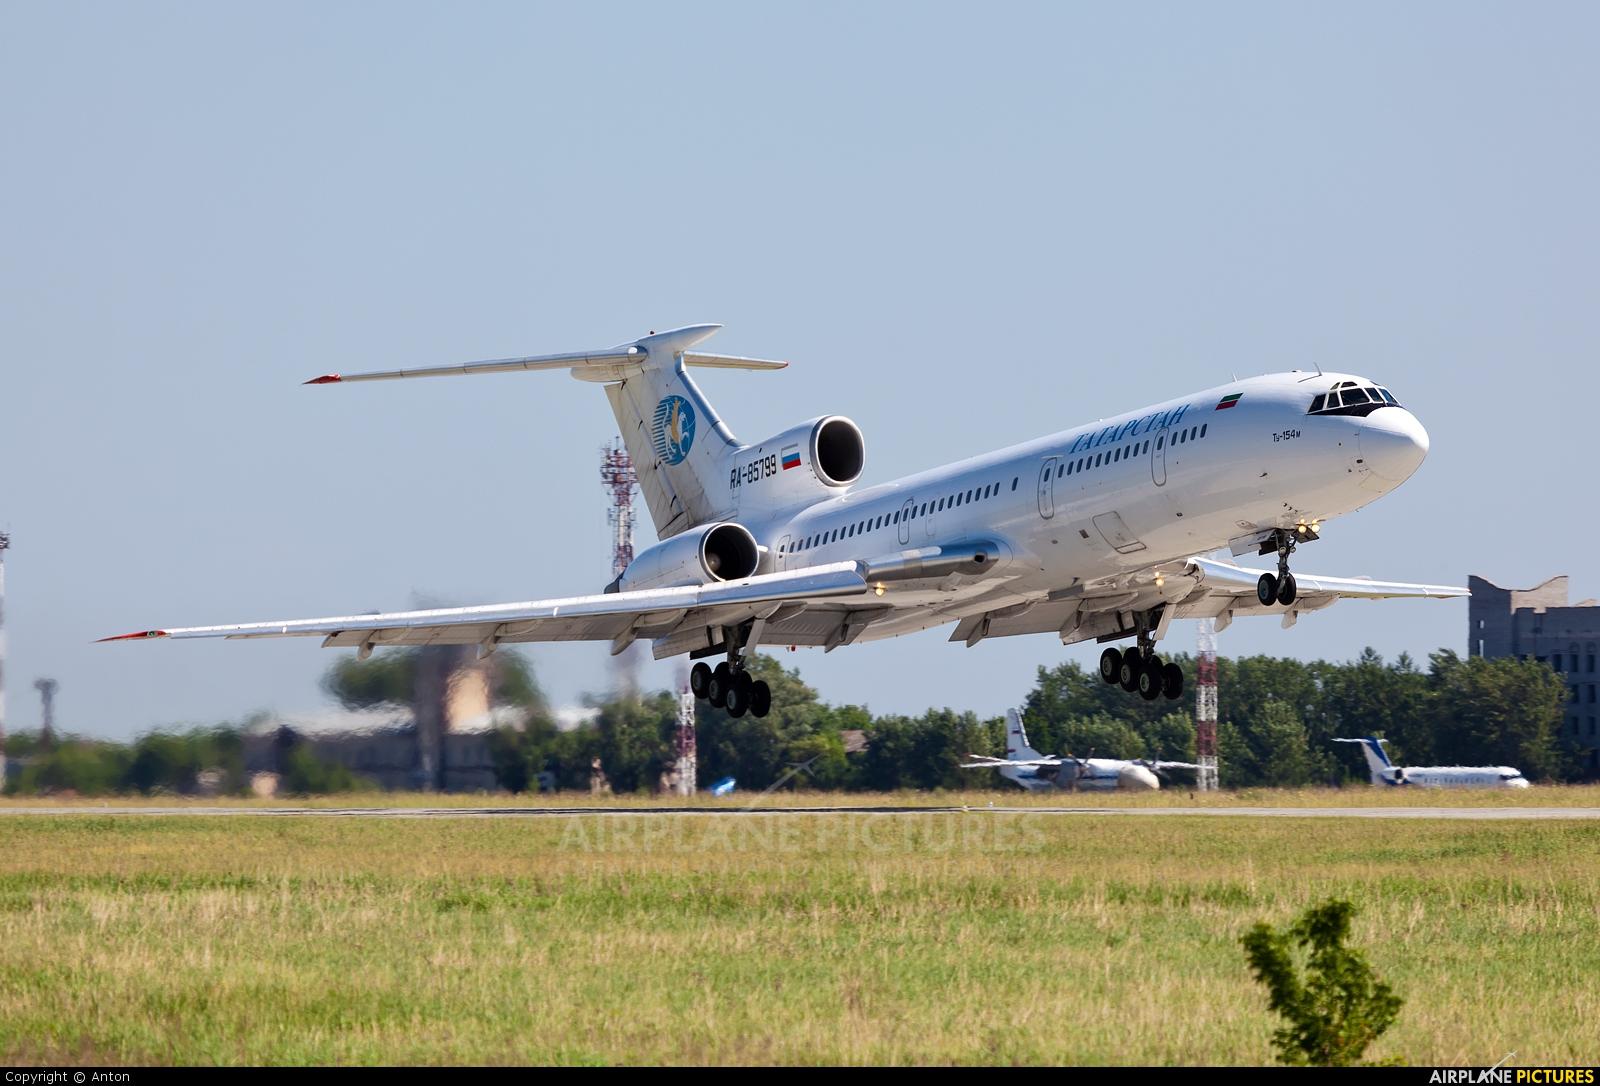 Tatarstan RA-85799 aircraft at Chelyabinsk